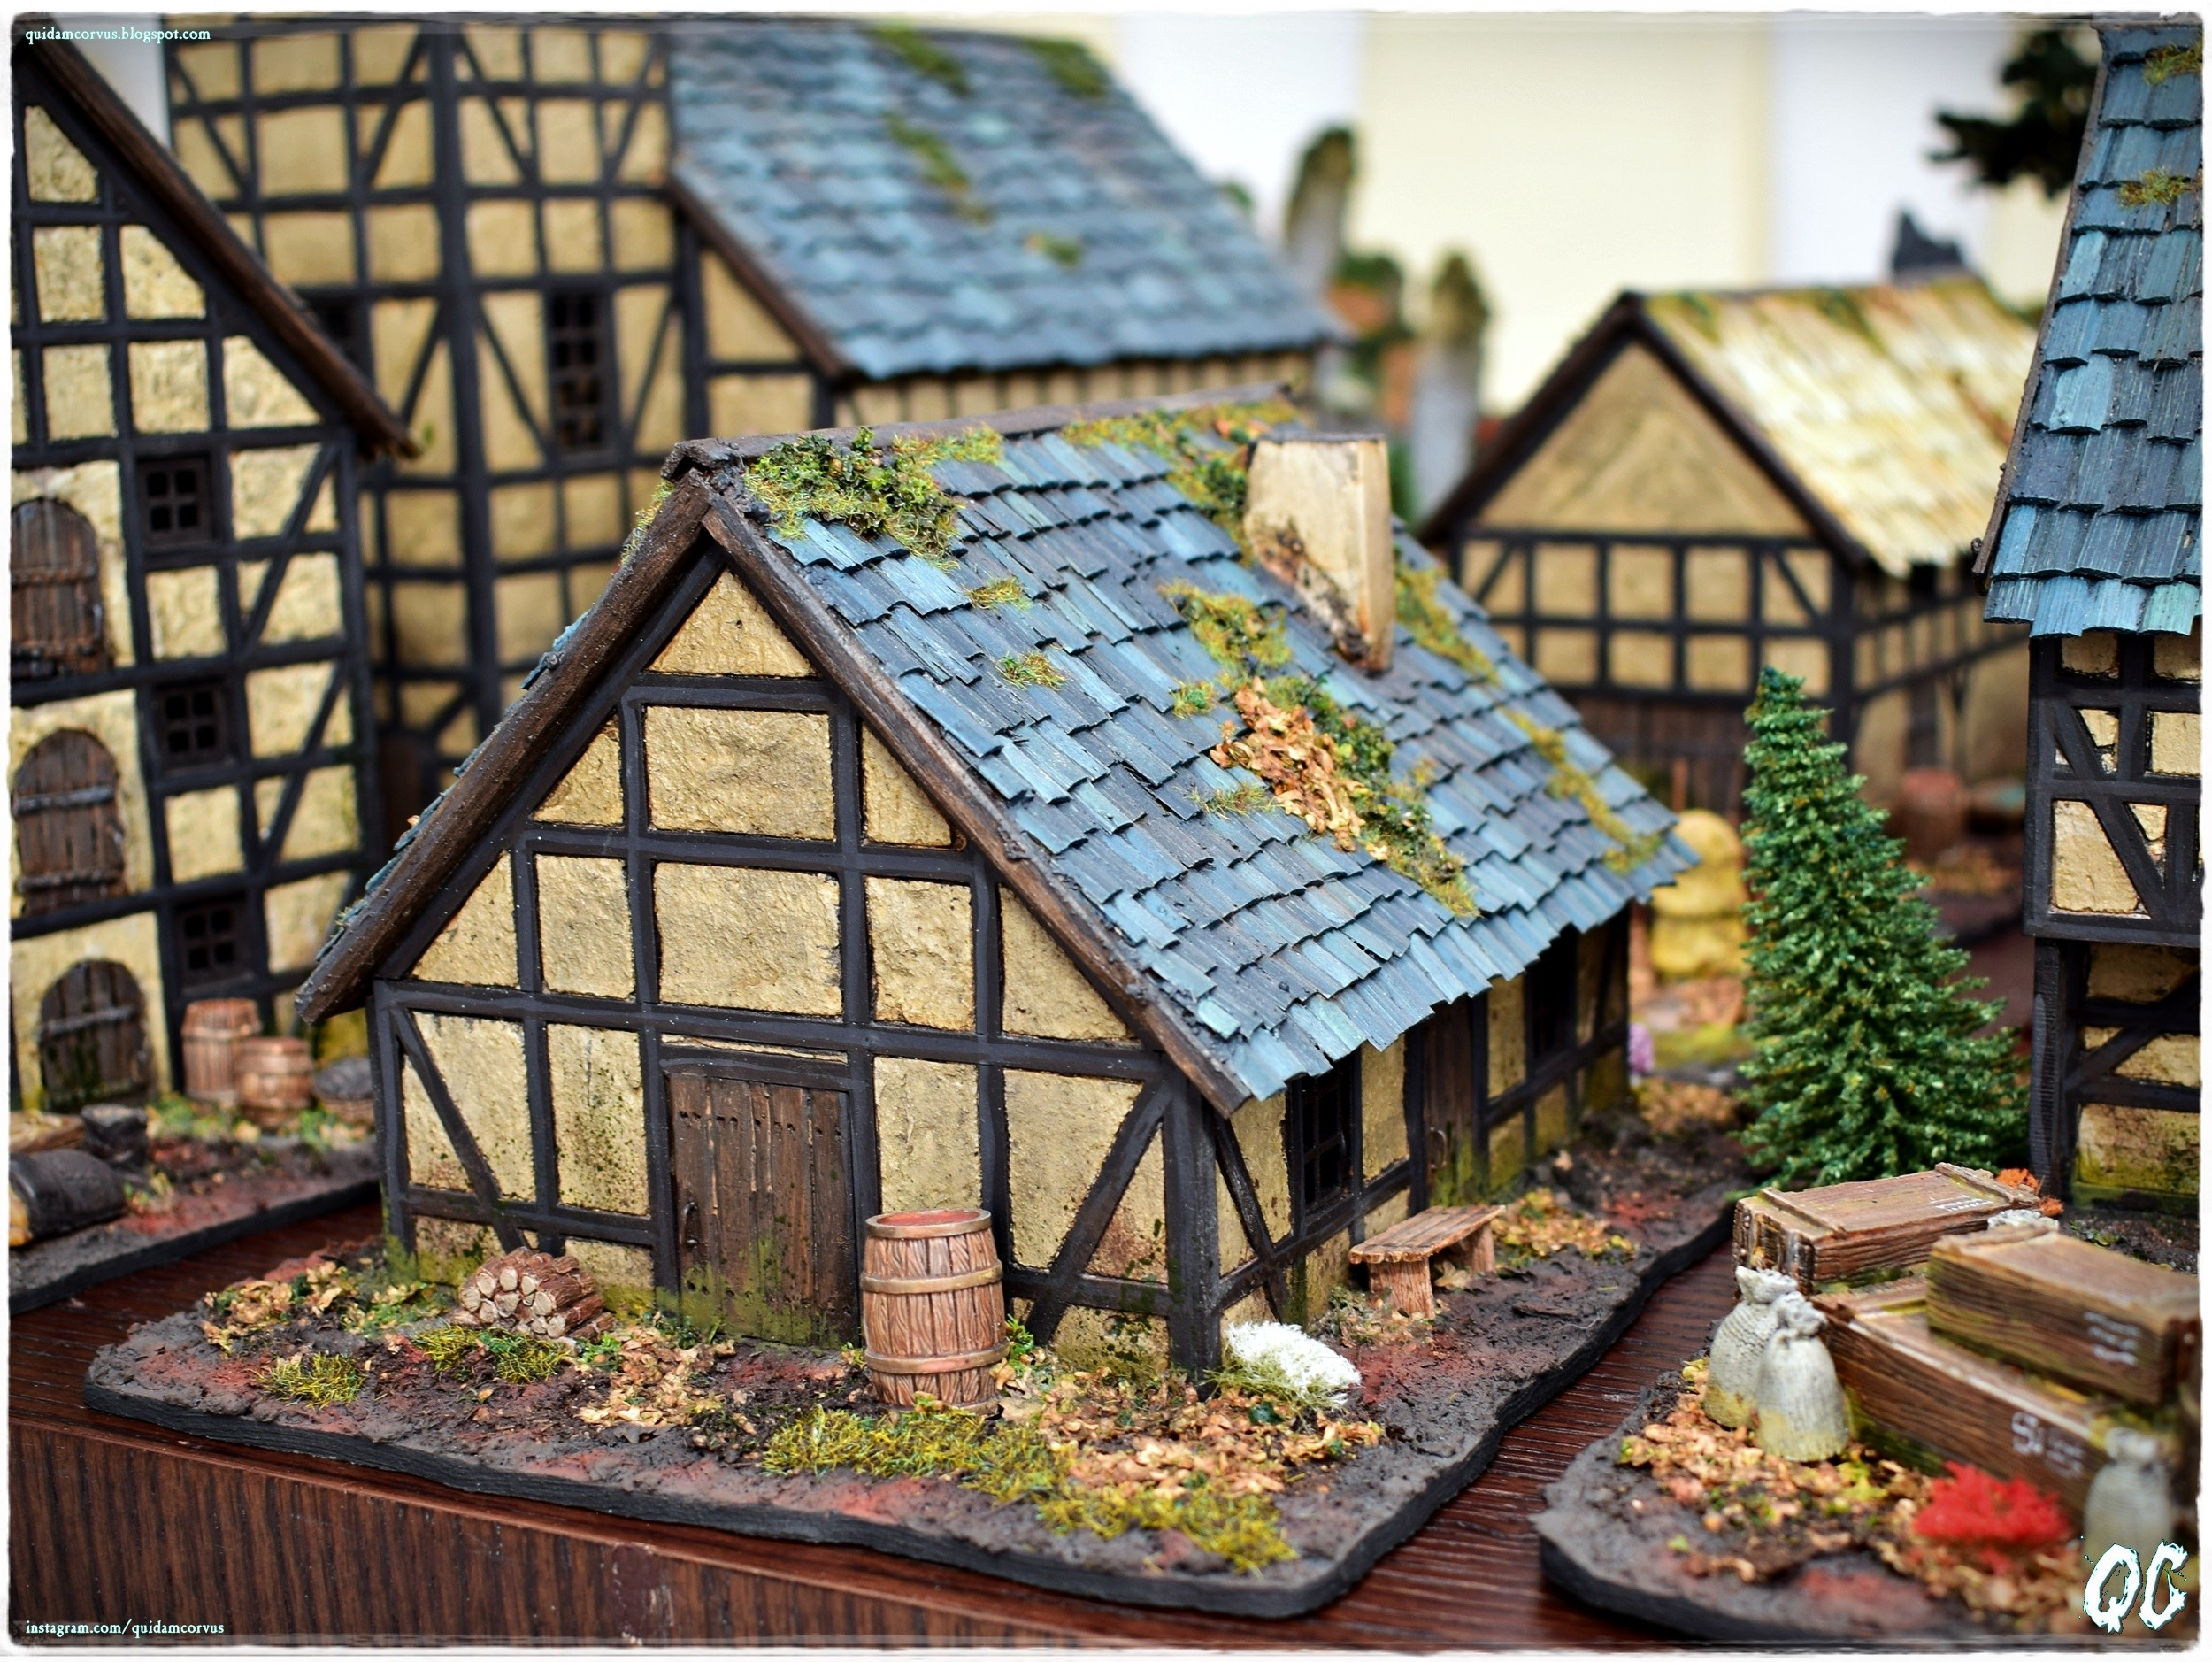 Building by quidamcorvus - Page 5 8ArZjf